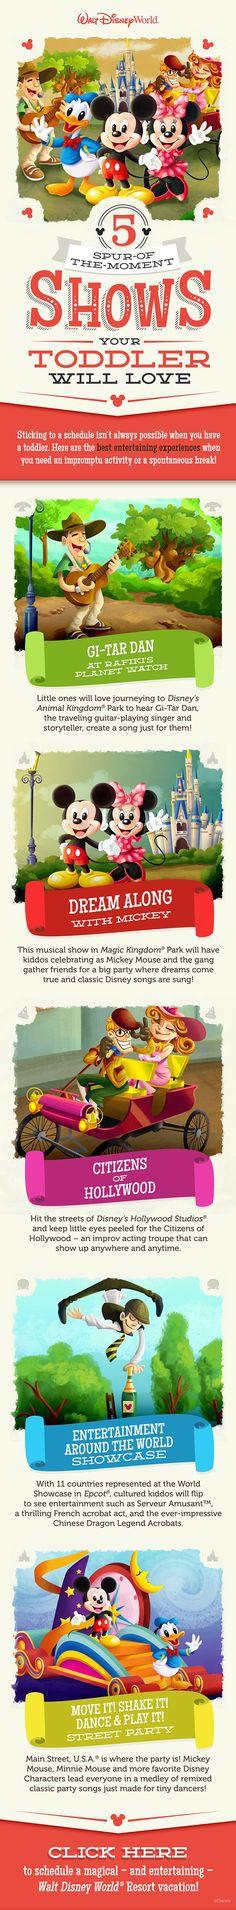 #DisneyKids: Top In-Park Experiences For Preschoolers